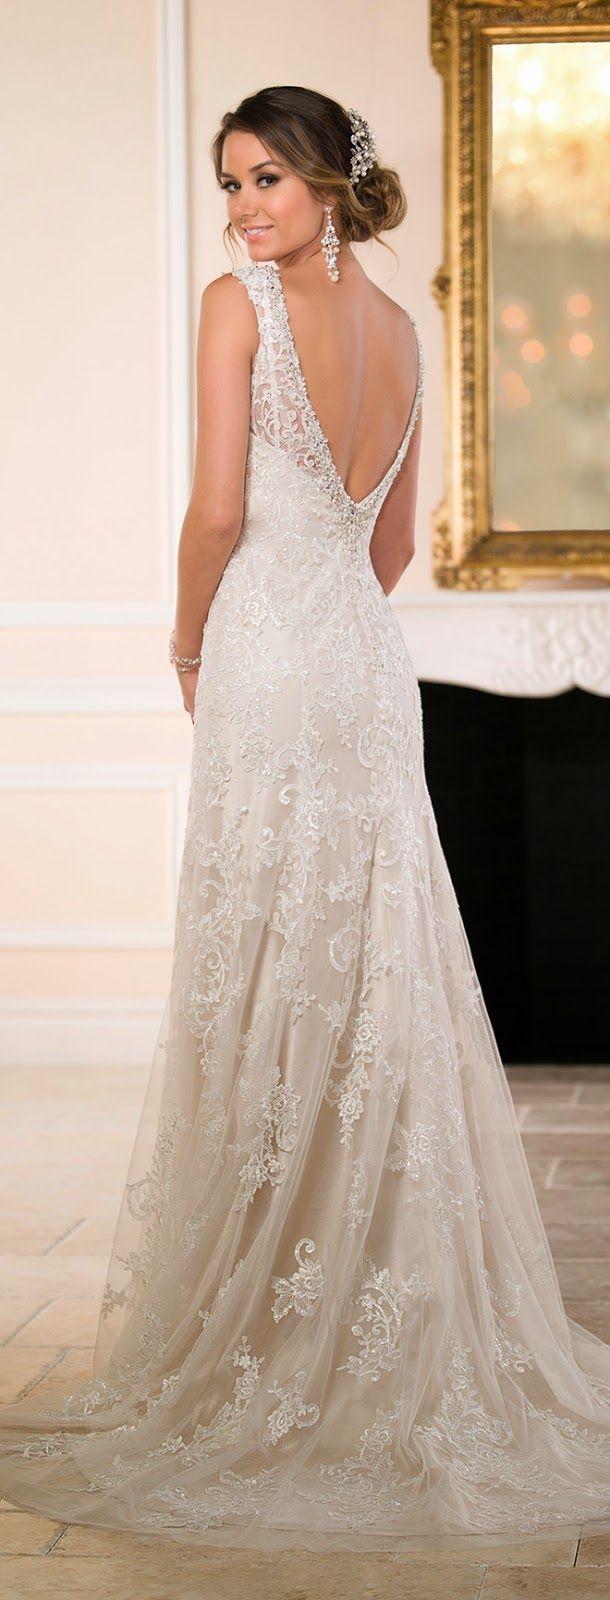 hochzeitskleider gebraucht verkaufen 5 besten | Gebraucht, Wedding ...